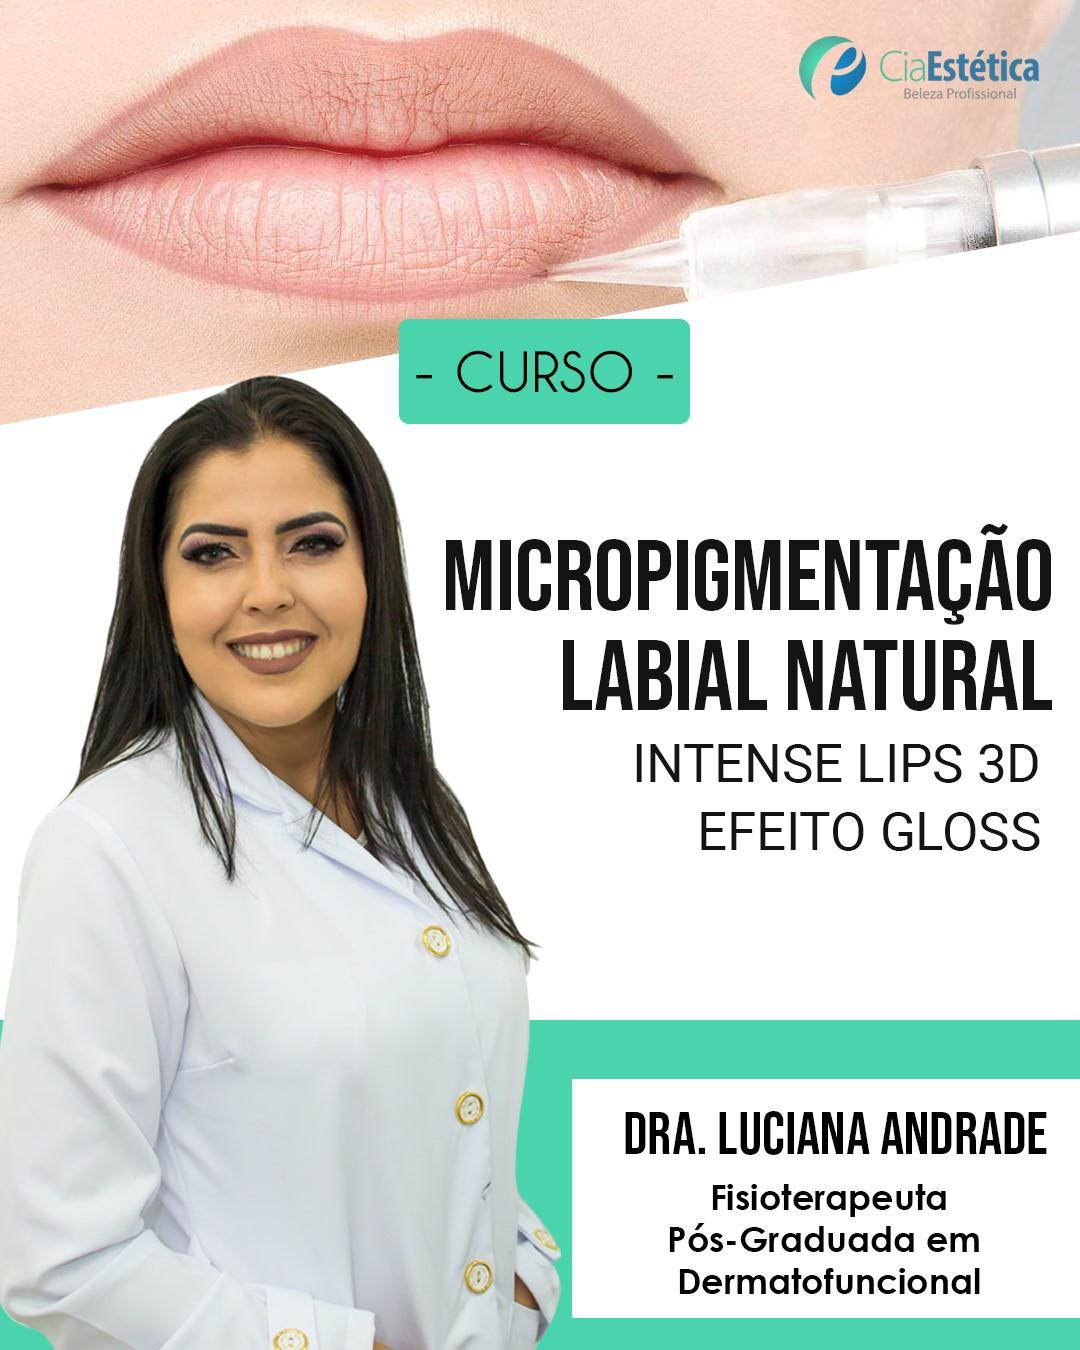 Curso Master Training em Micropigmentação Labial Natural Intense Lips 3D -  Efeito Gloss